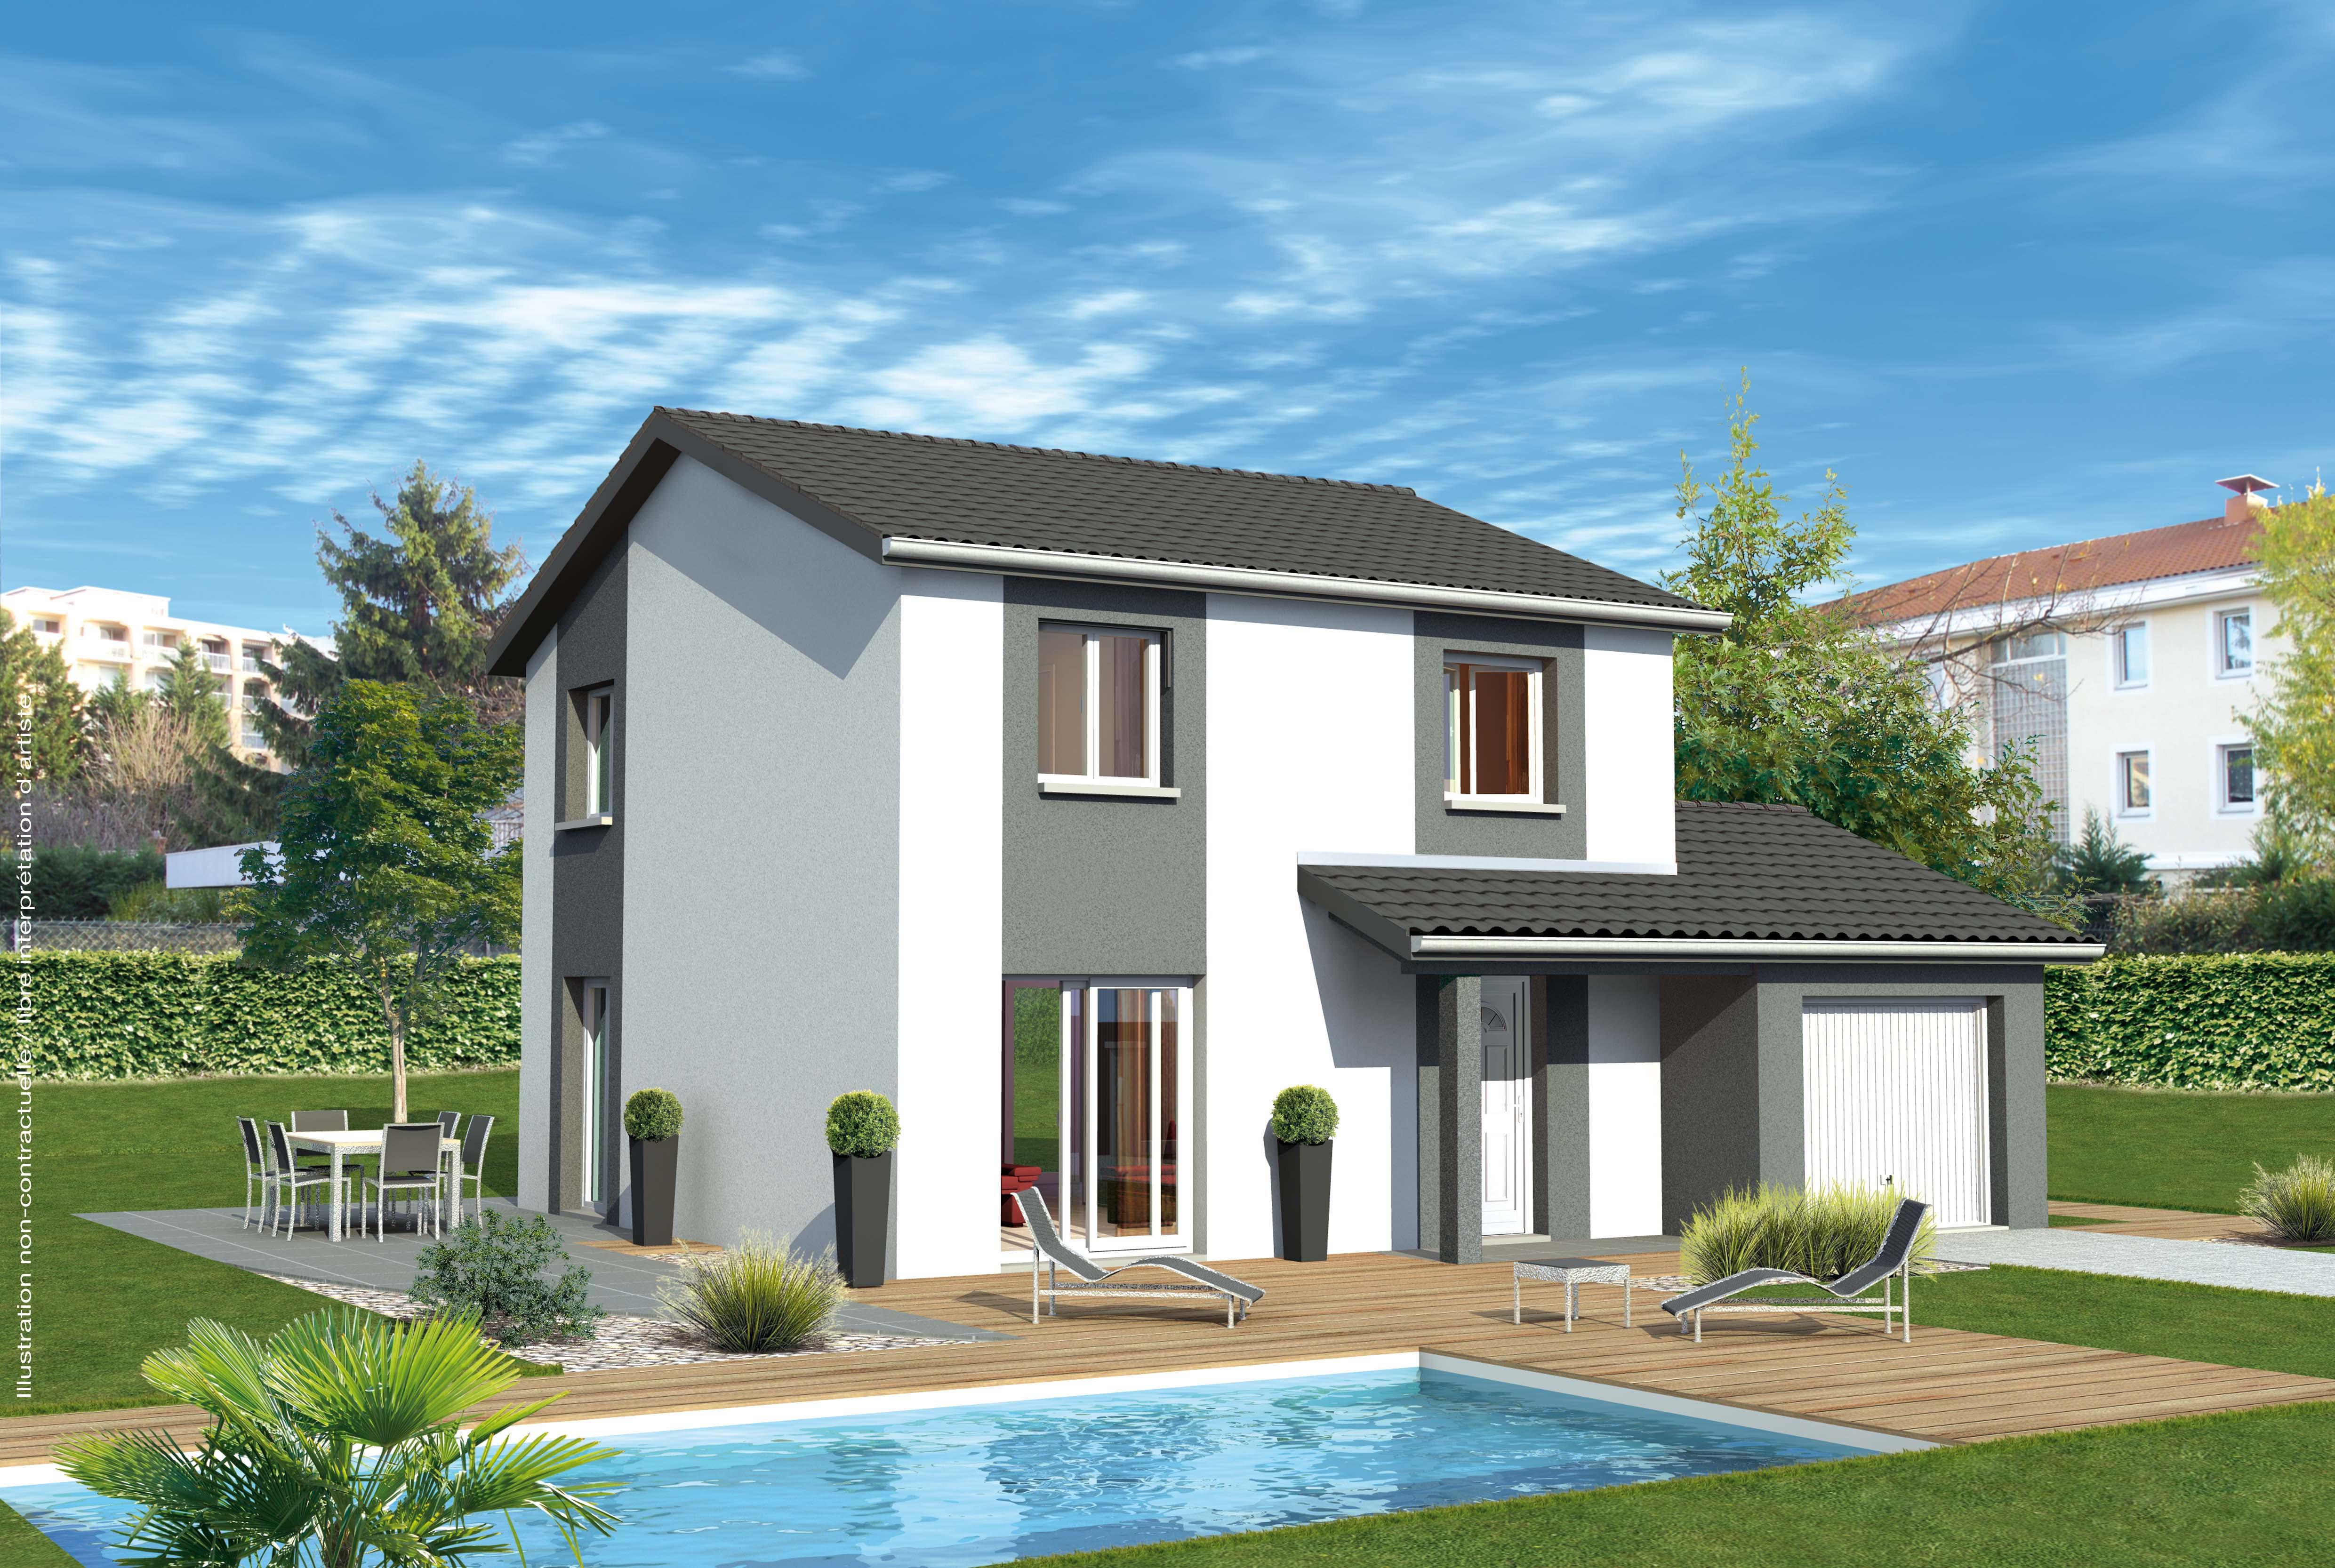 Maisons + Terrains du constructeur MAISONS PUNCH ST ETIENNE • 94 m² • MONTBRISON